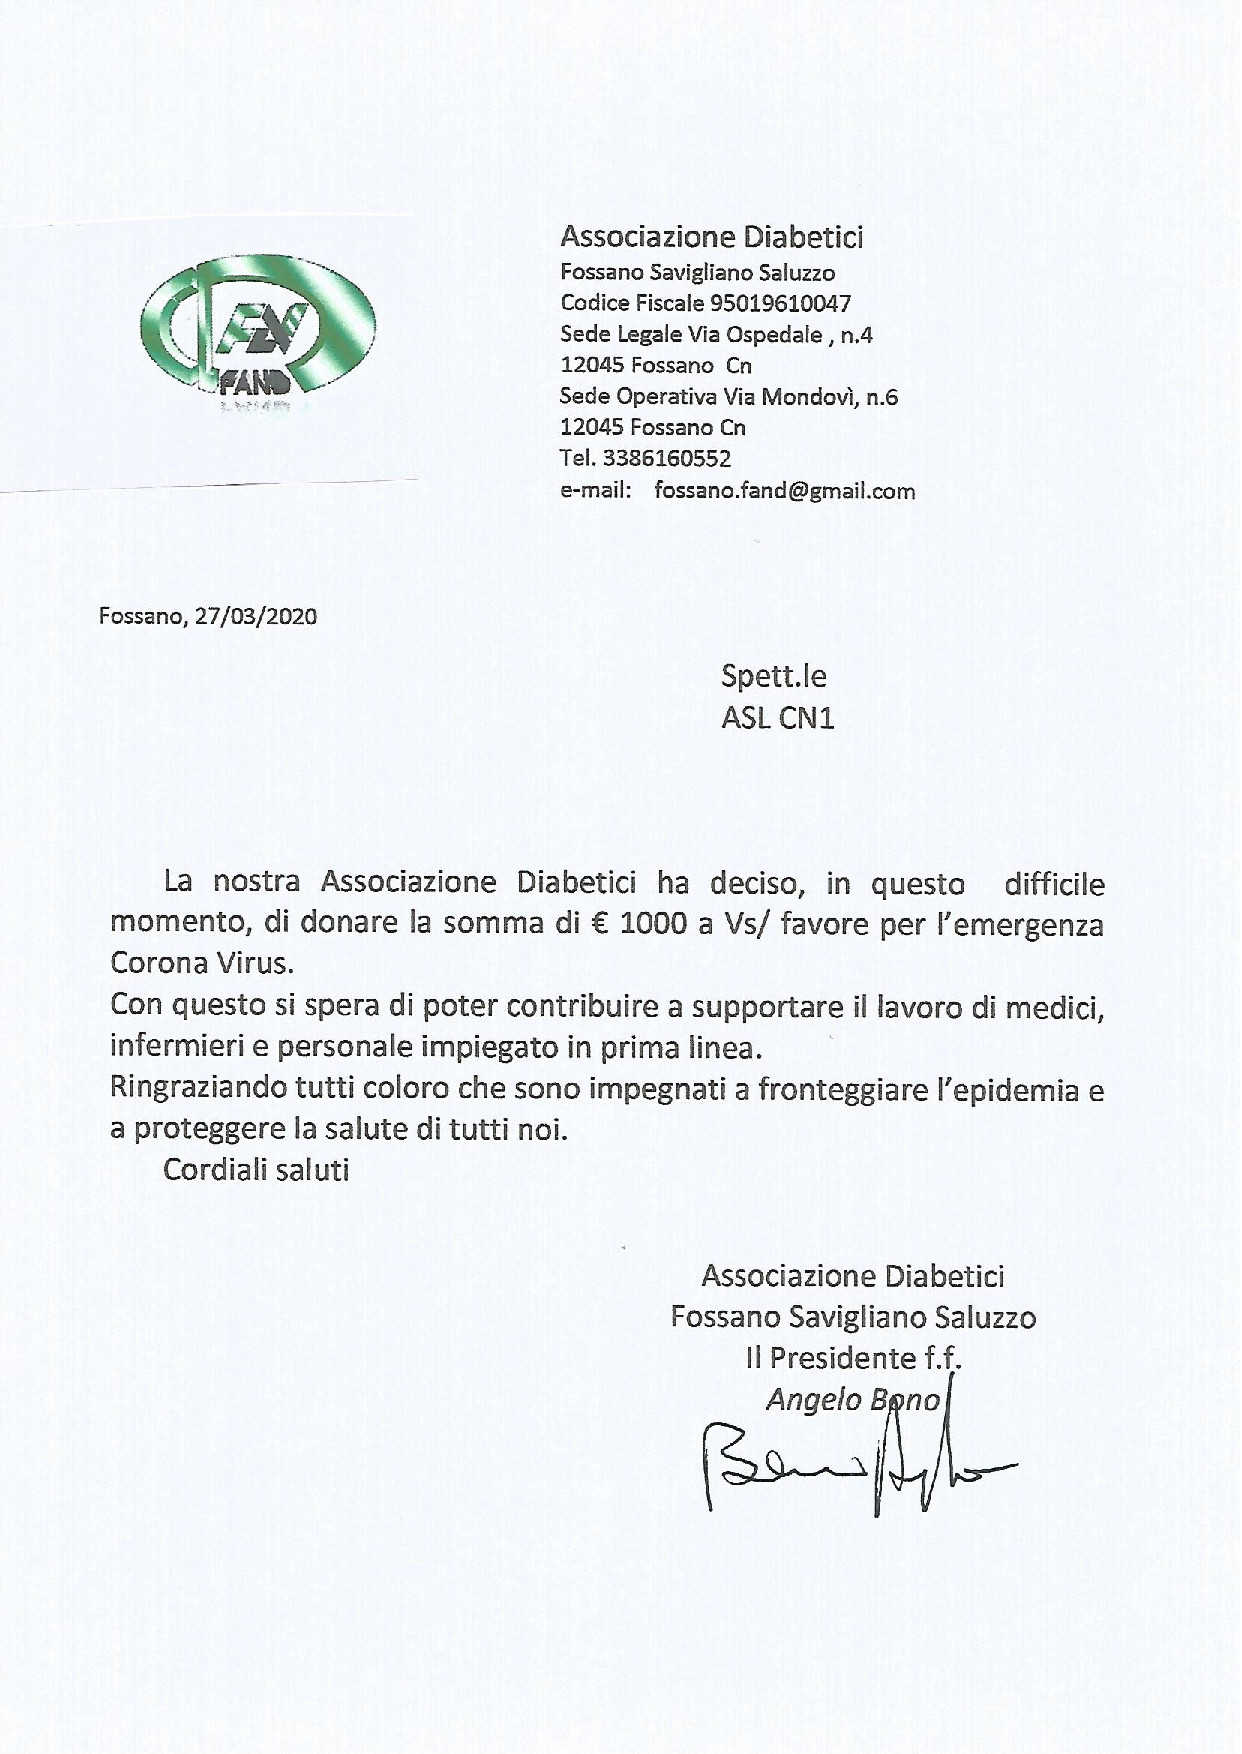 L'associazione FAND di Fossano dona 1000€ alla ASL CN1